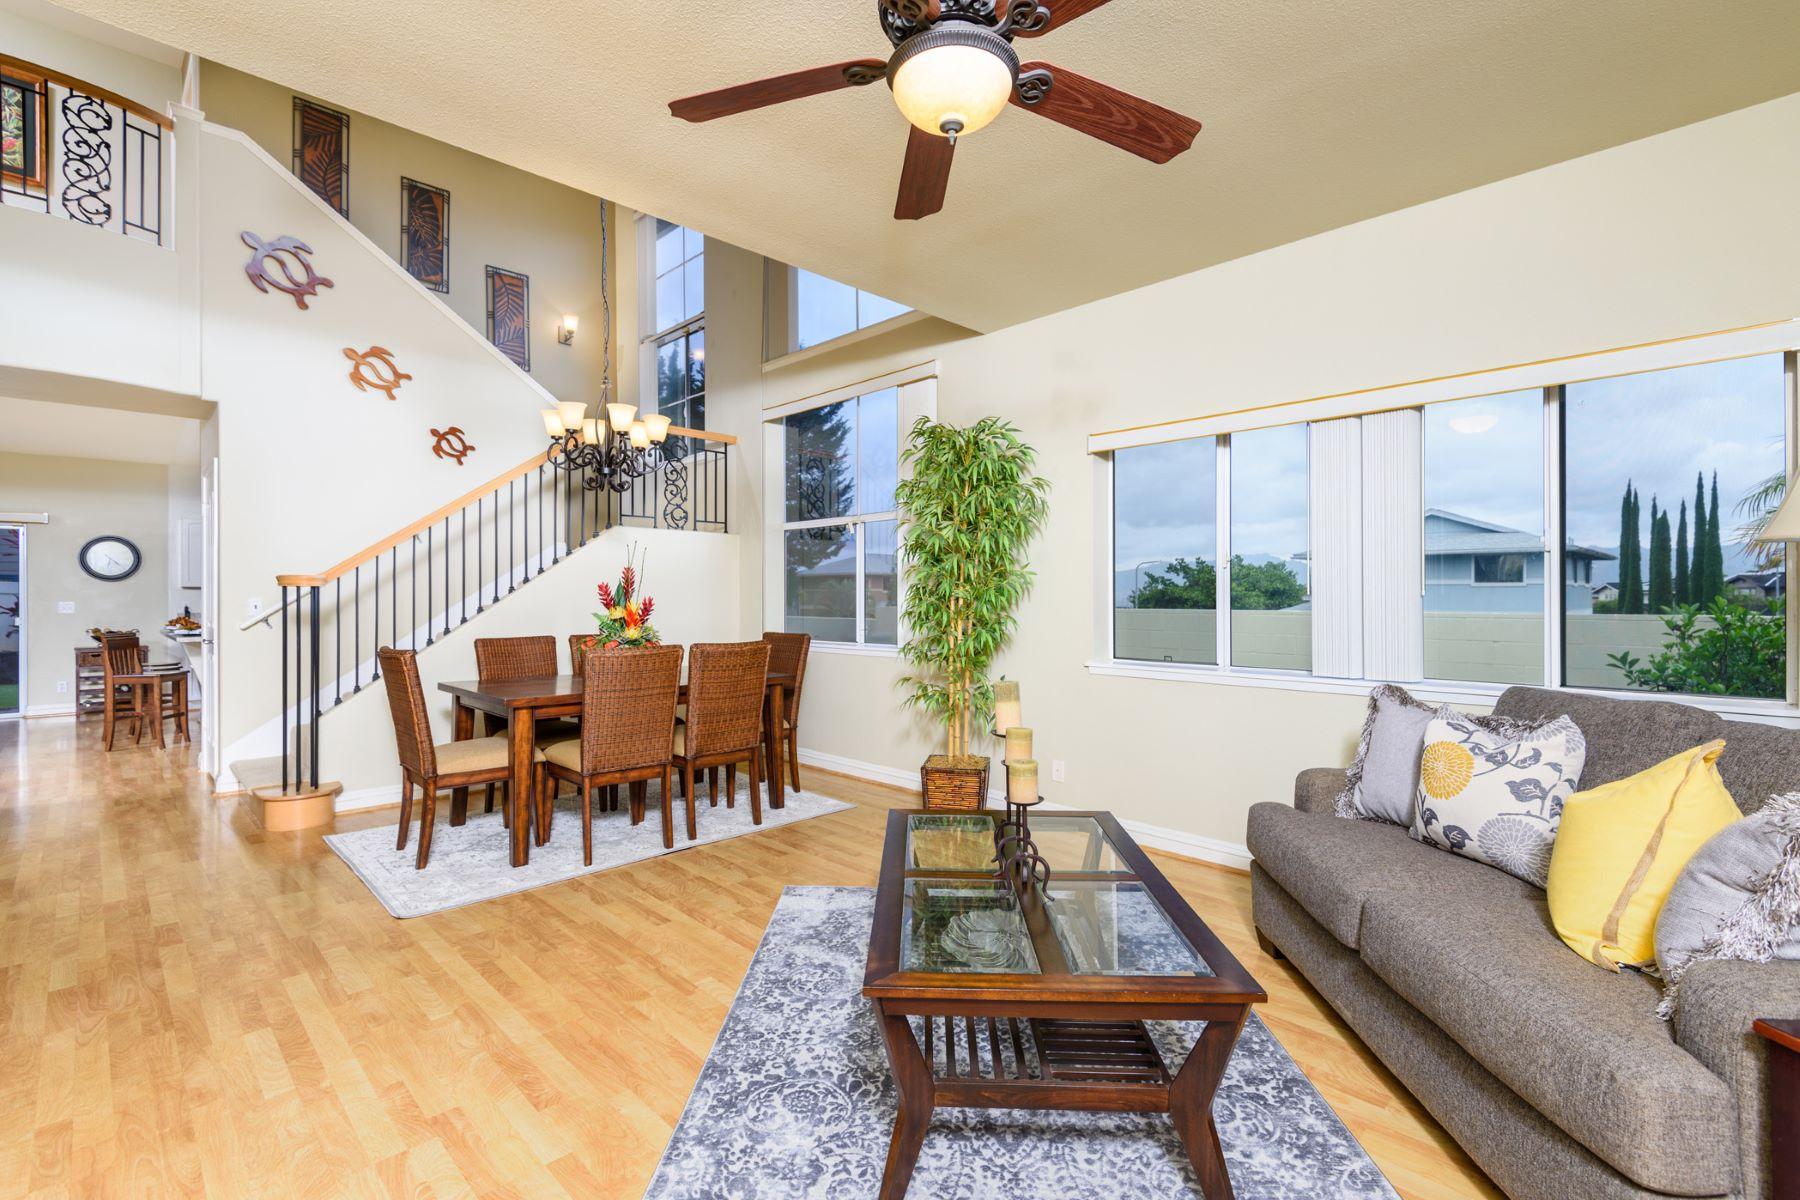 Single Family Home for Sale at Mililani Legacy Two Model 95-1105 Anuanu St Mililani, Hawaii 96789 United States